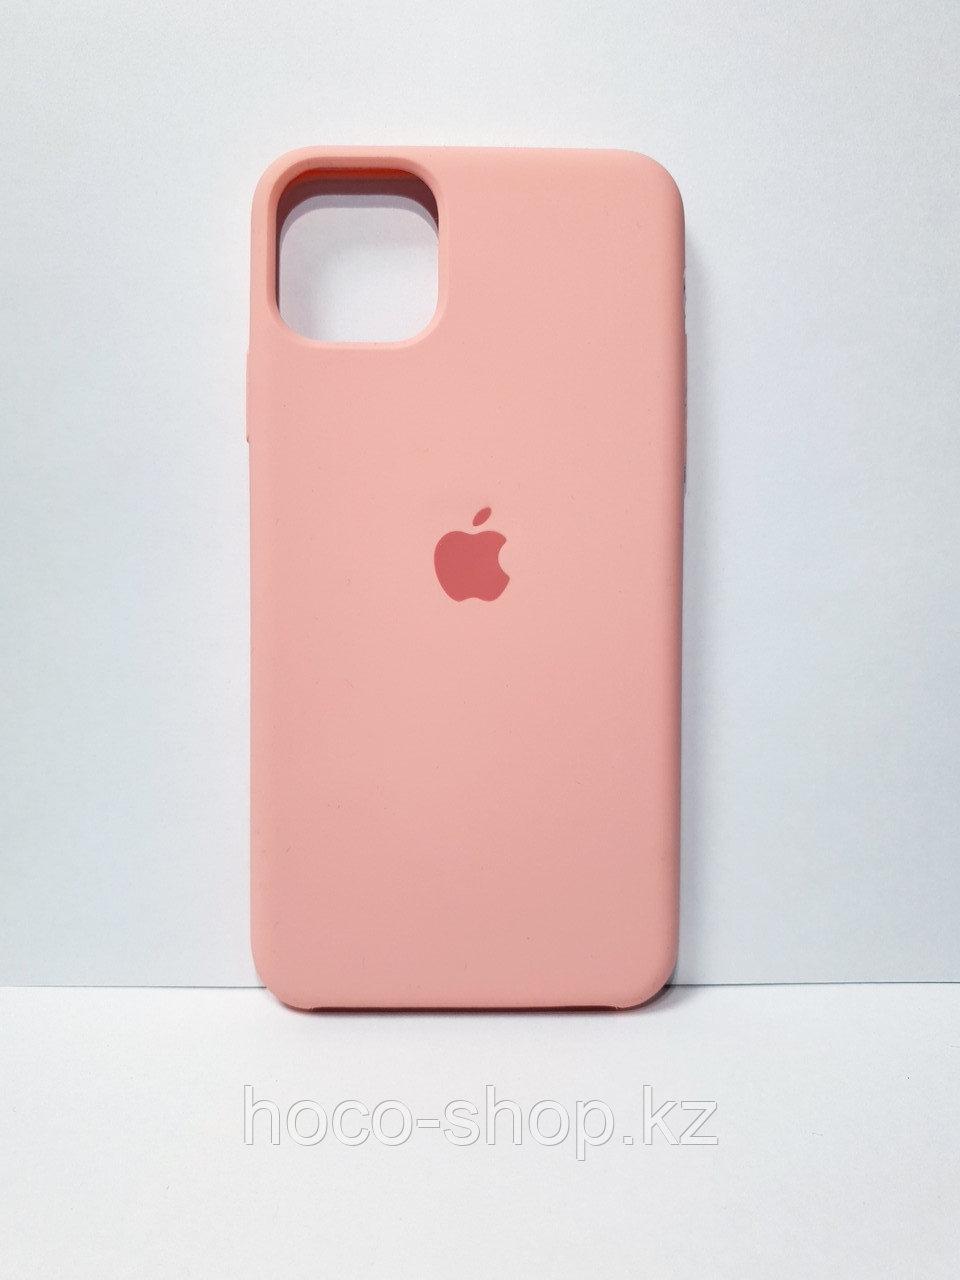 Оригинальный силиконовый чехол iPhone 11 Pro Max